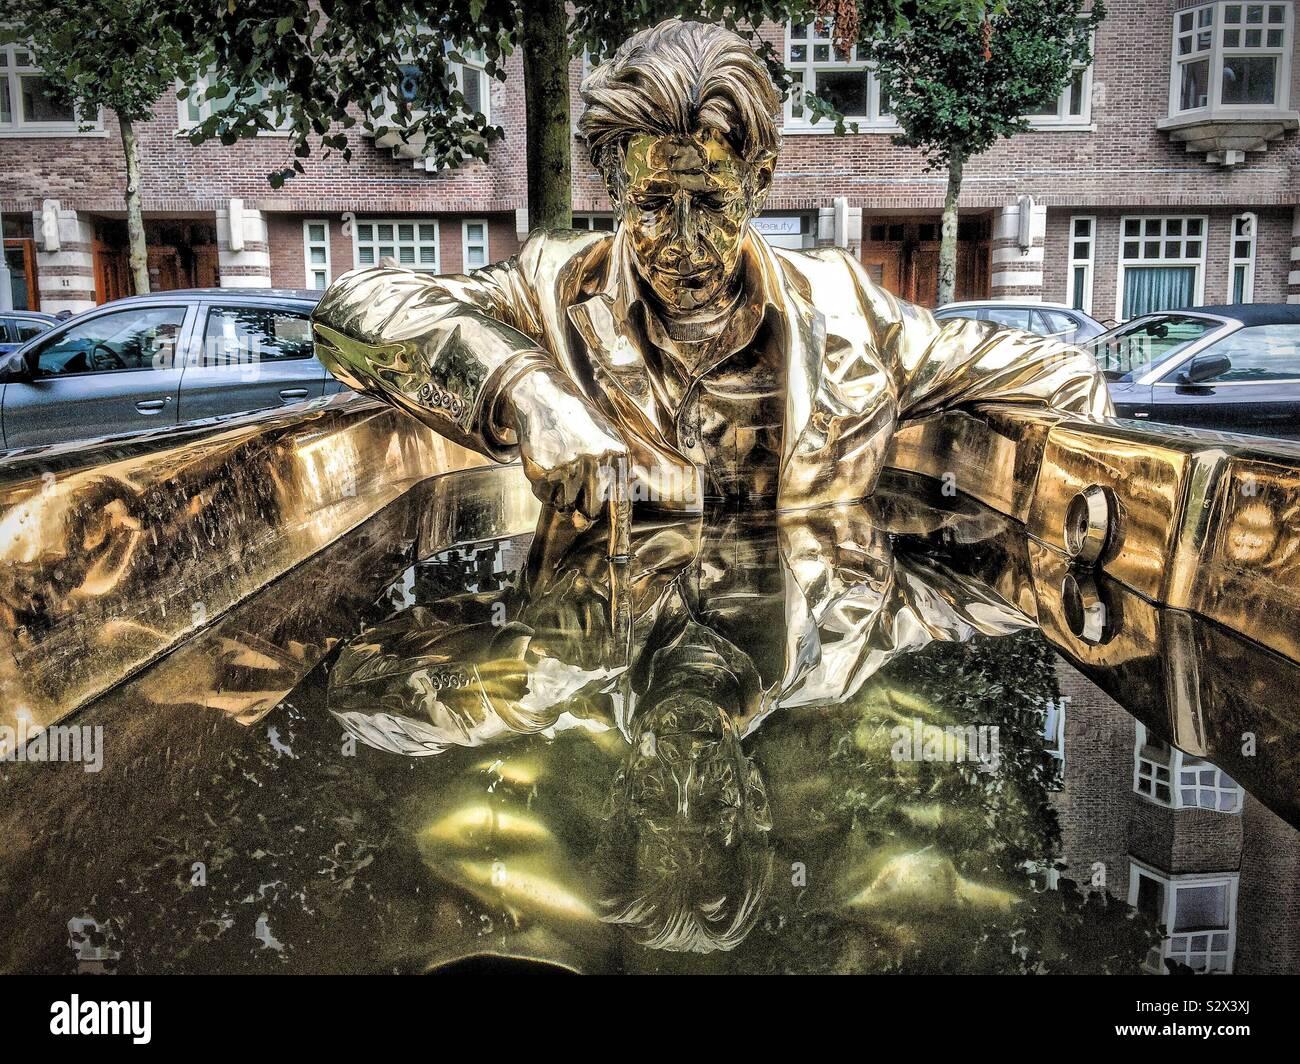 7 baignoire et l'homme qui a écrit sur l'eau Banque D'Images